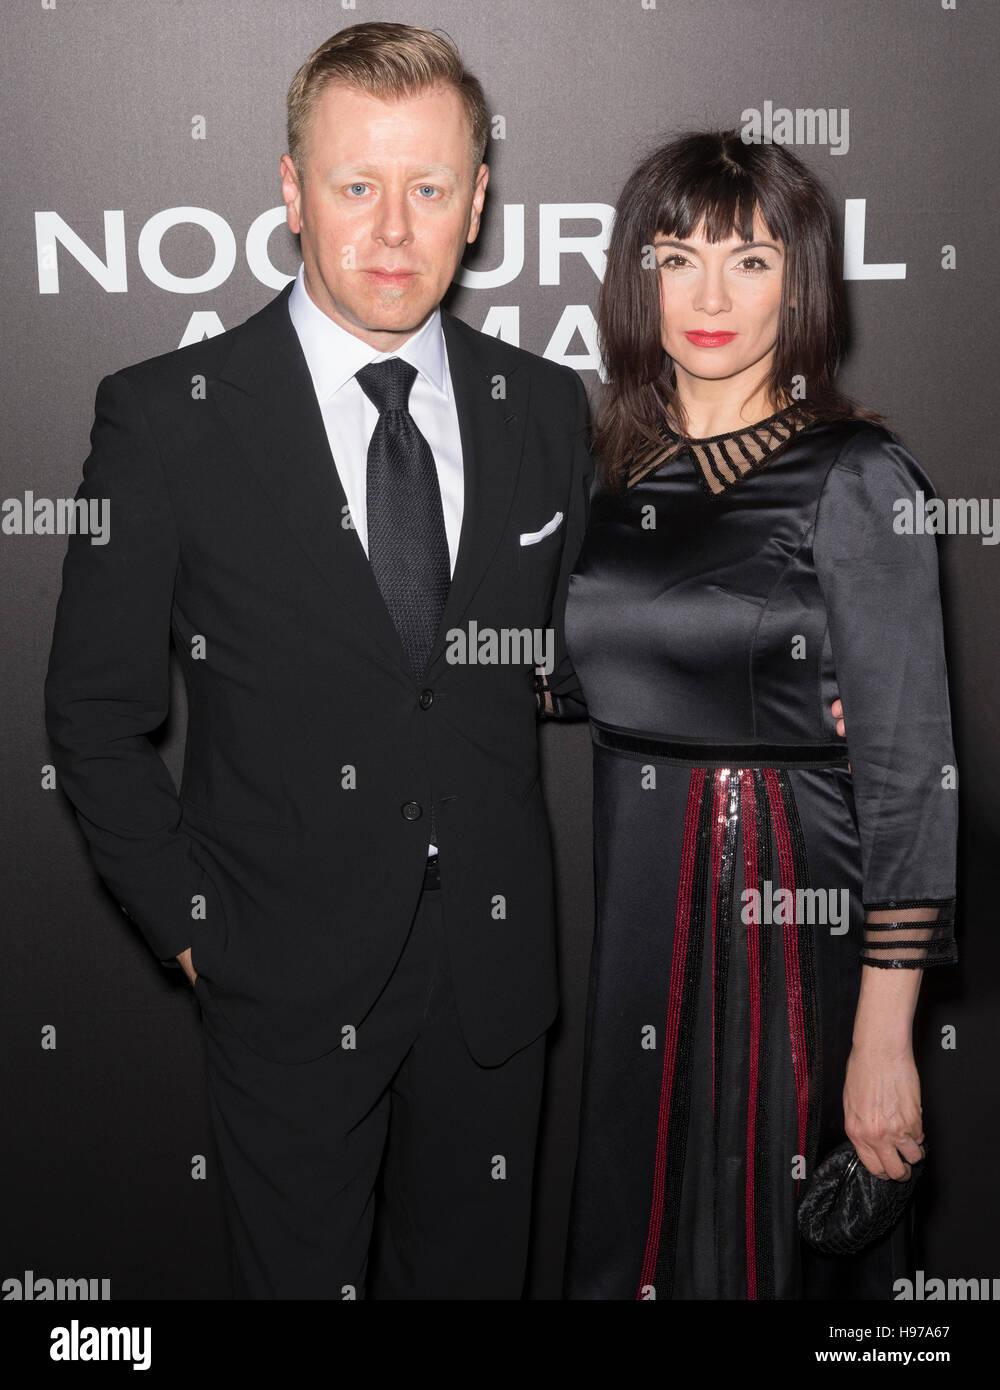 La città di New York, Stati Uniti d'America - 17 Novembre 2016: il compositore Abel Korzeniowski e Mina Korzeniowska Foto Stock